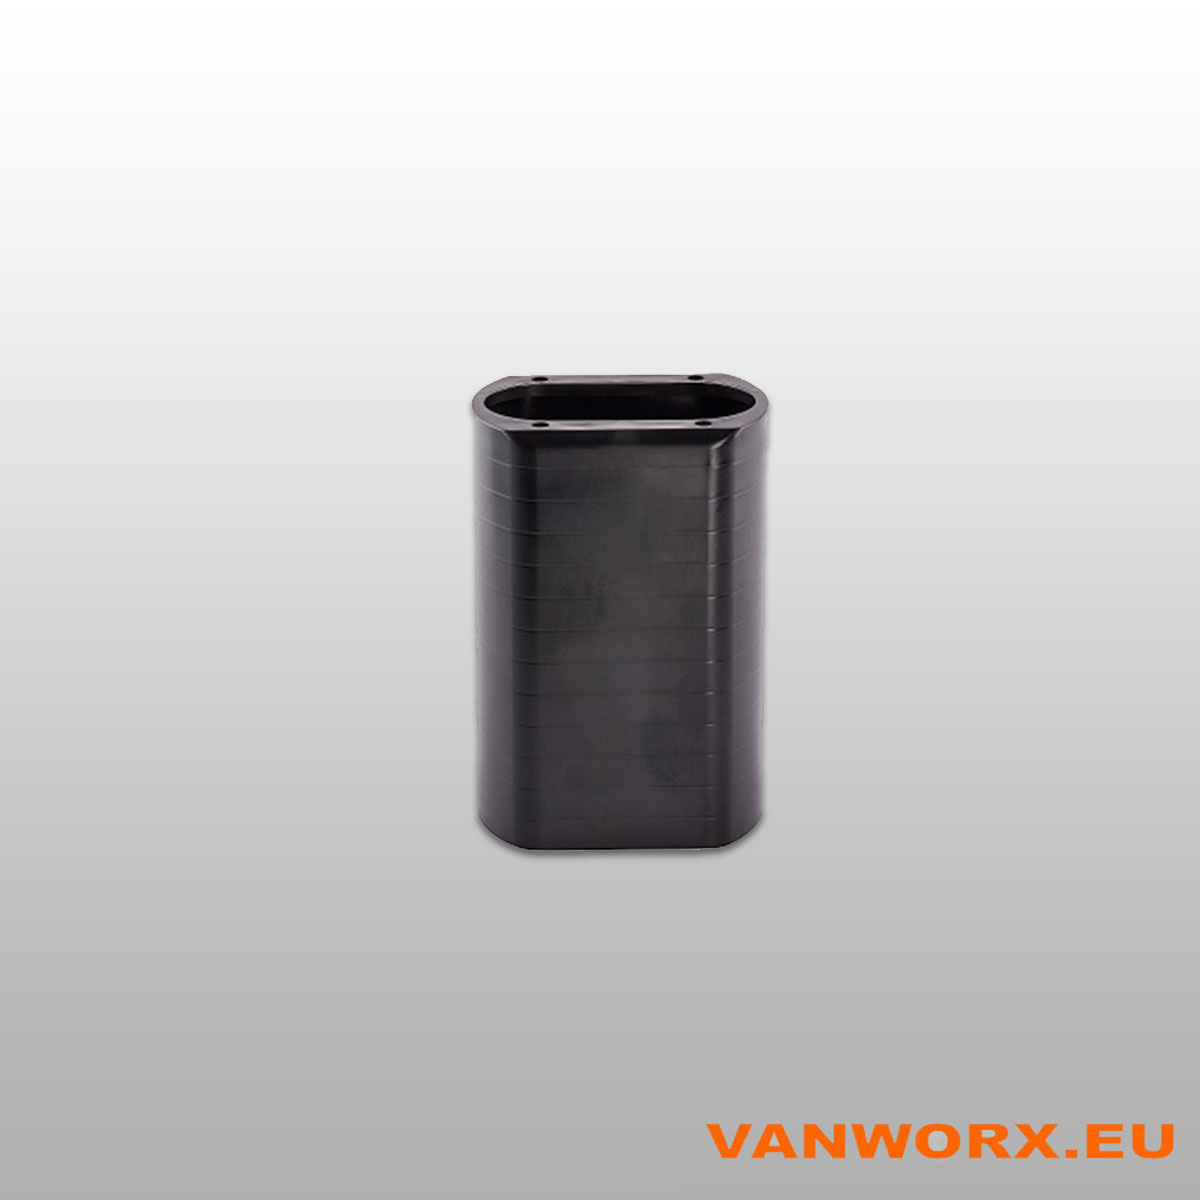 Flettner Slimline Adapter